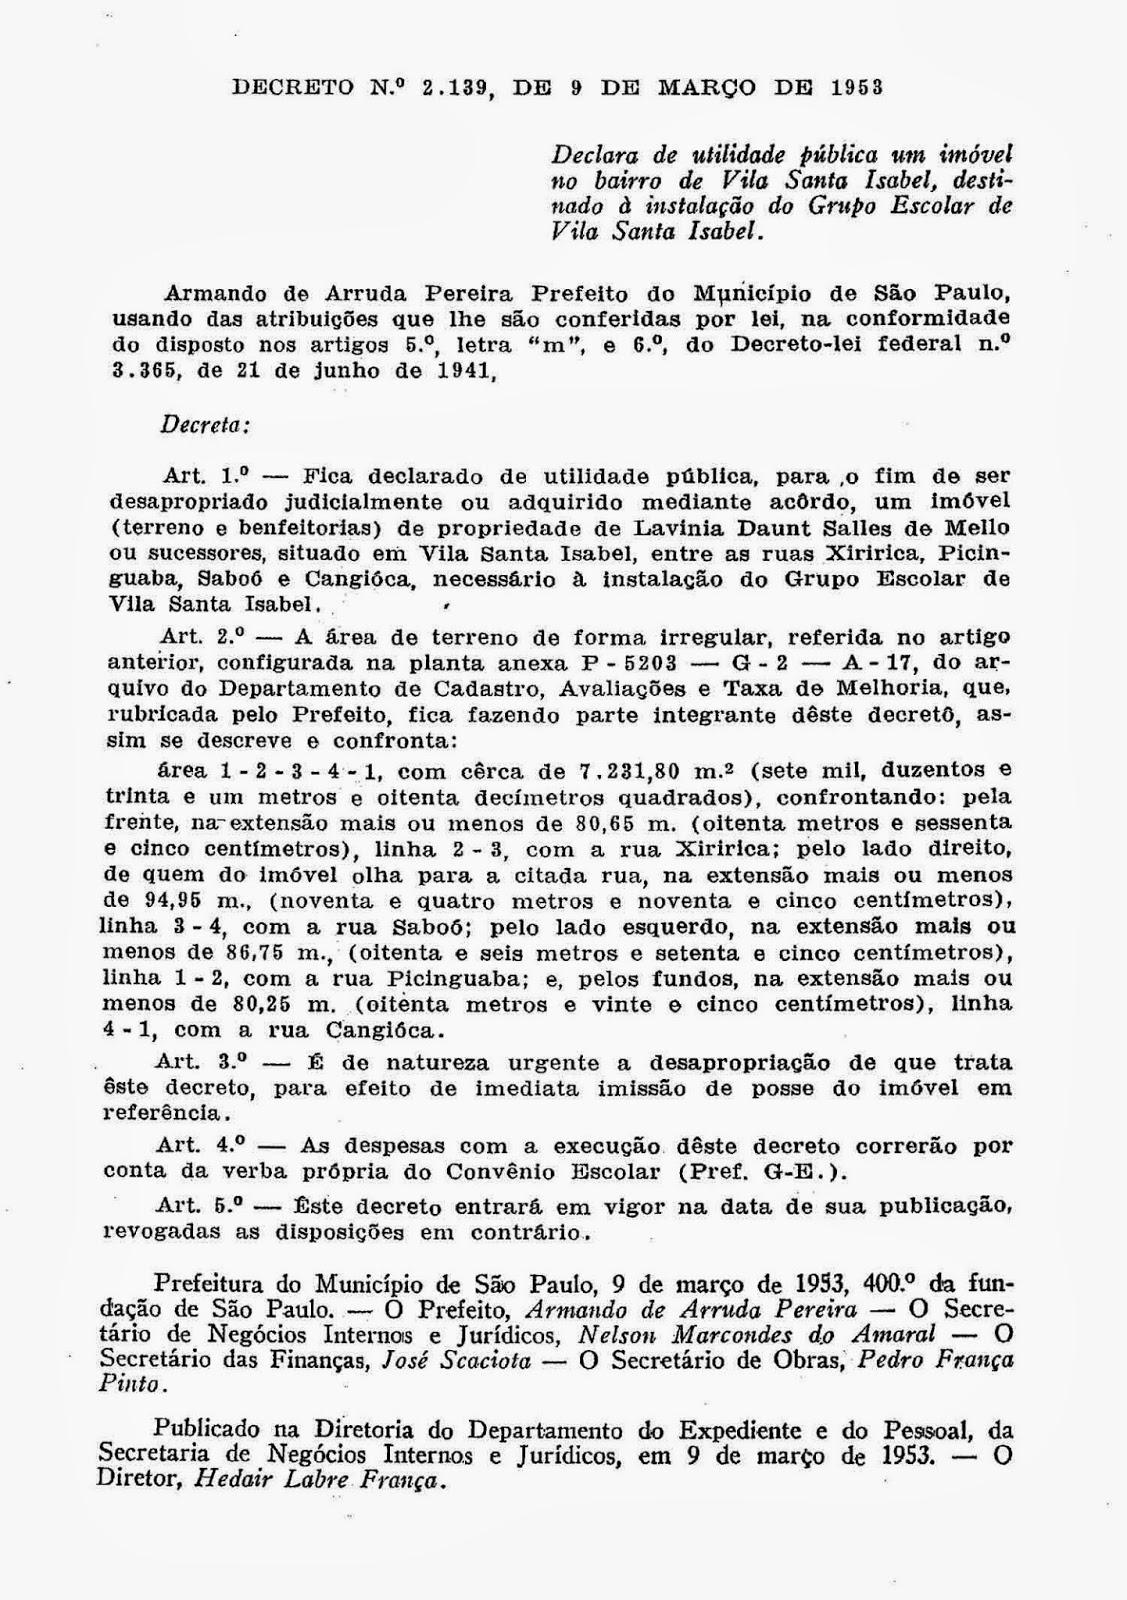 Vila Santa Isabel, Zona Leste de São Paulo, EMEF Bartolomeu Lourenço de Gusmão, escola pública, Vila Formosa, Vila Carrão